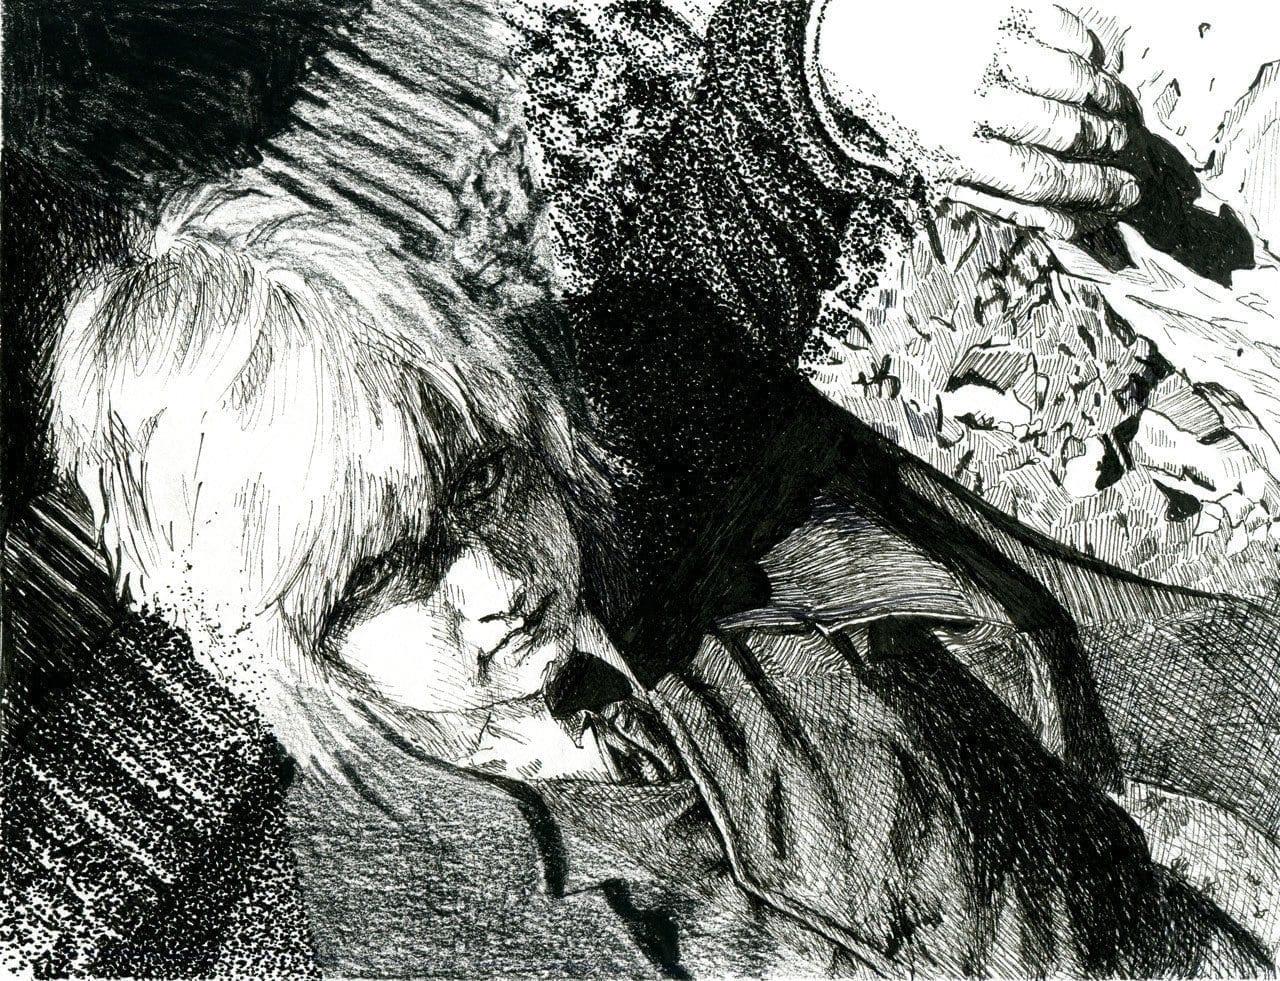 Self-Portrait Drawn Using Four Techniques - Graphic, Cross-Hatch, Line Art, Stippling.